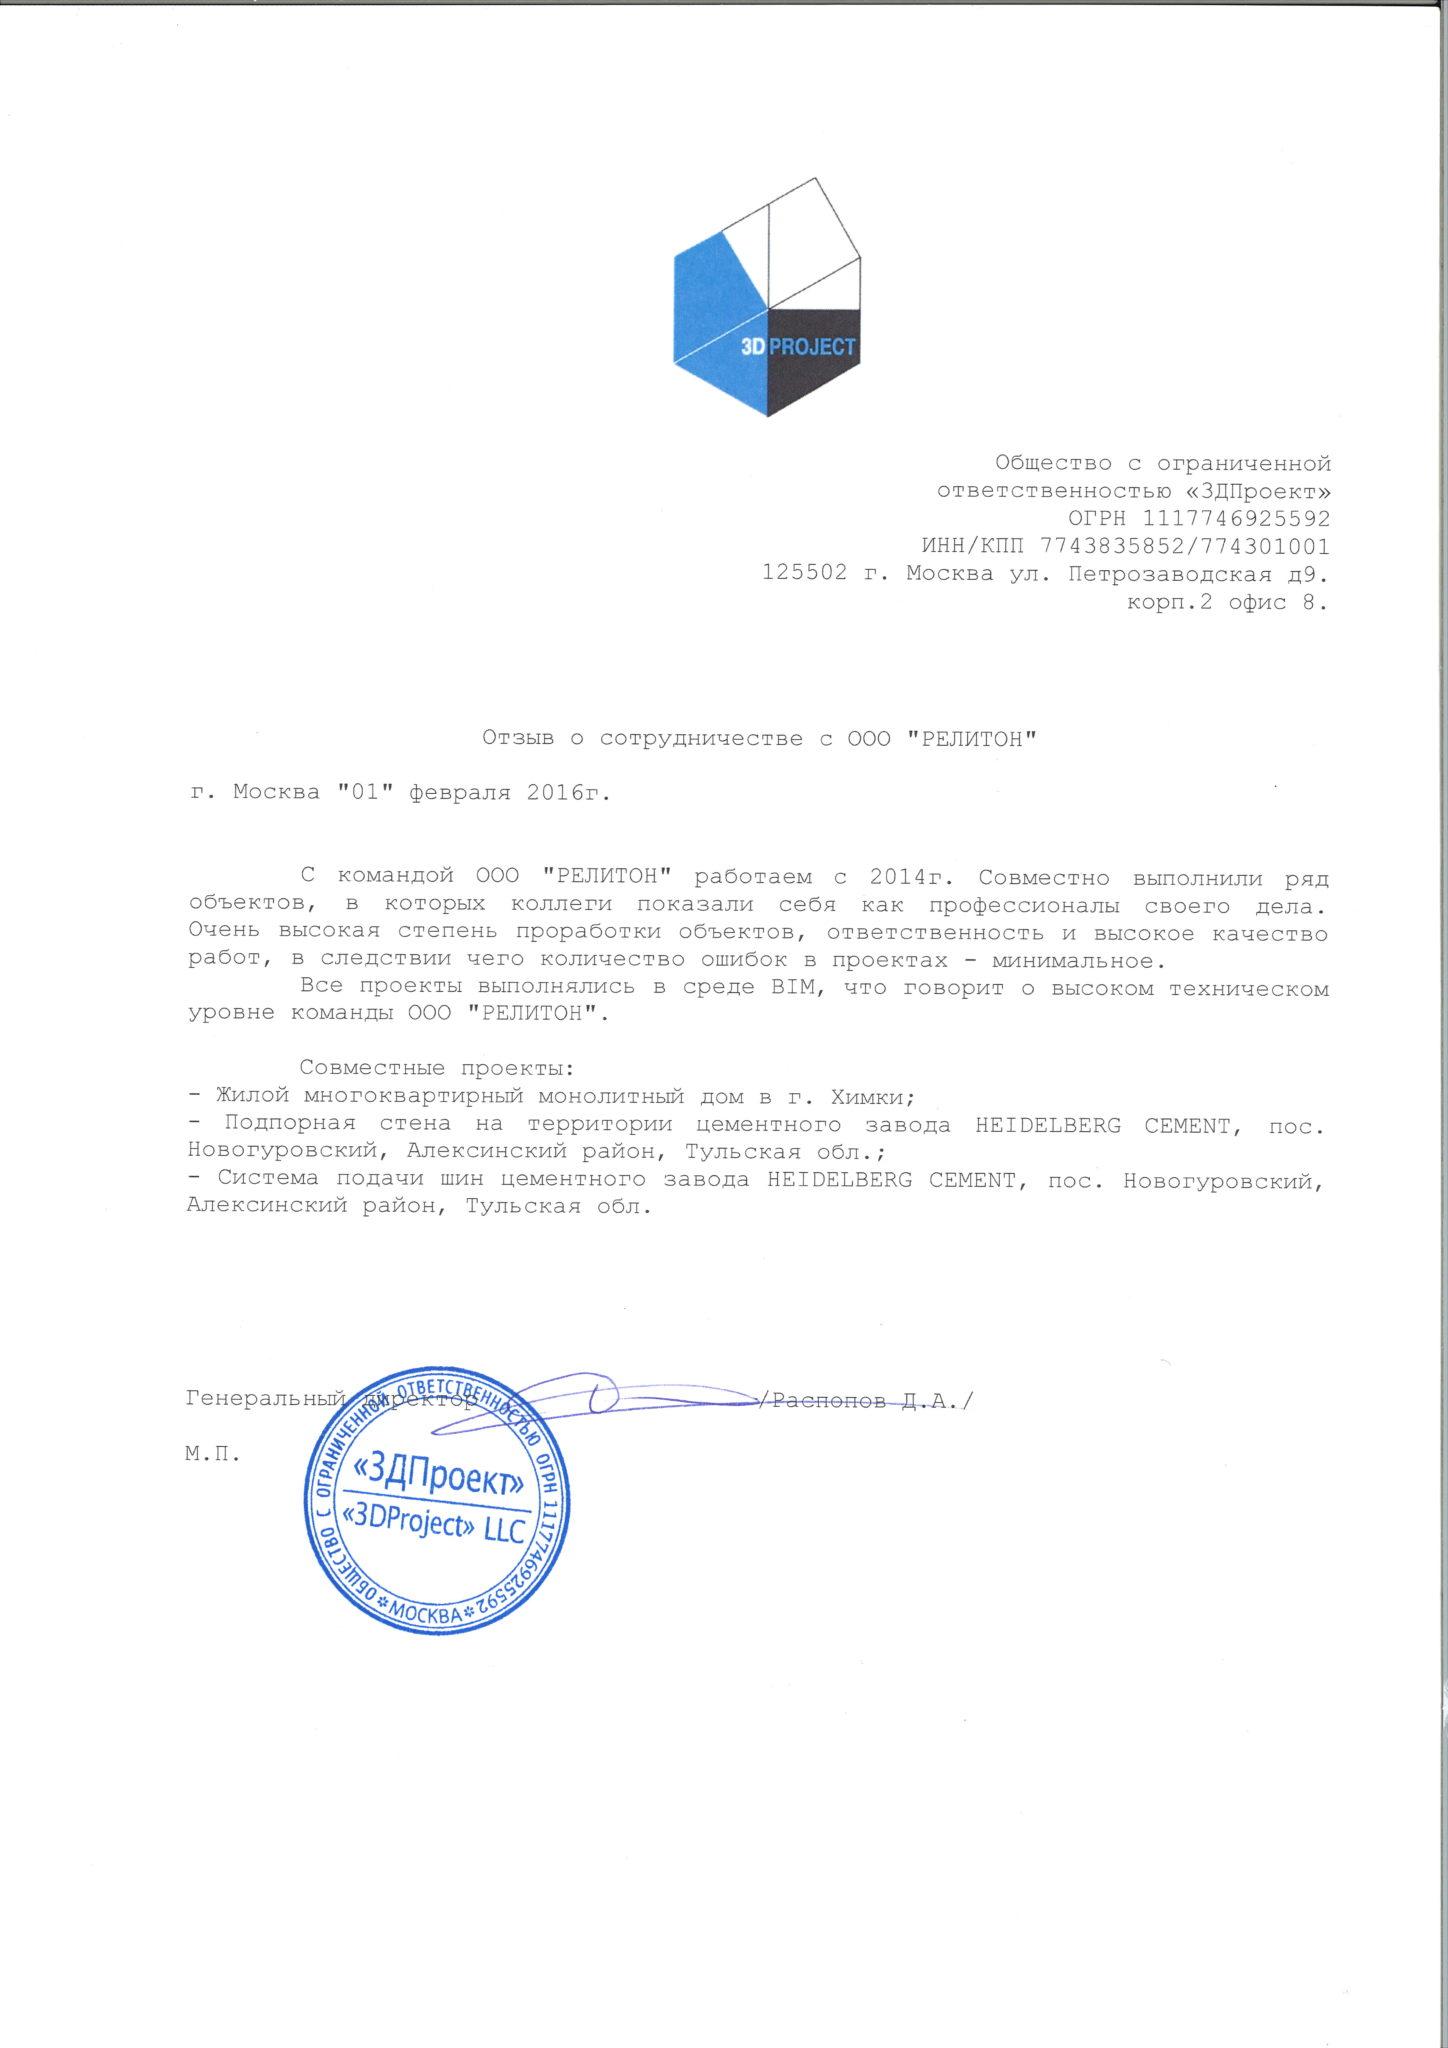 """Отзыв о сотрудничестве с компанией RELITON от компании ООО """"3ДПроект"""""""